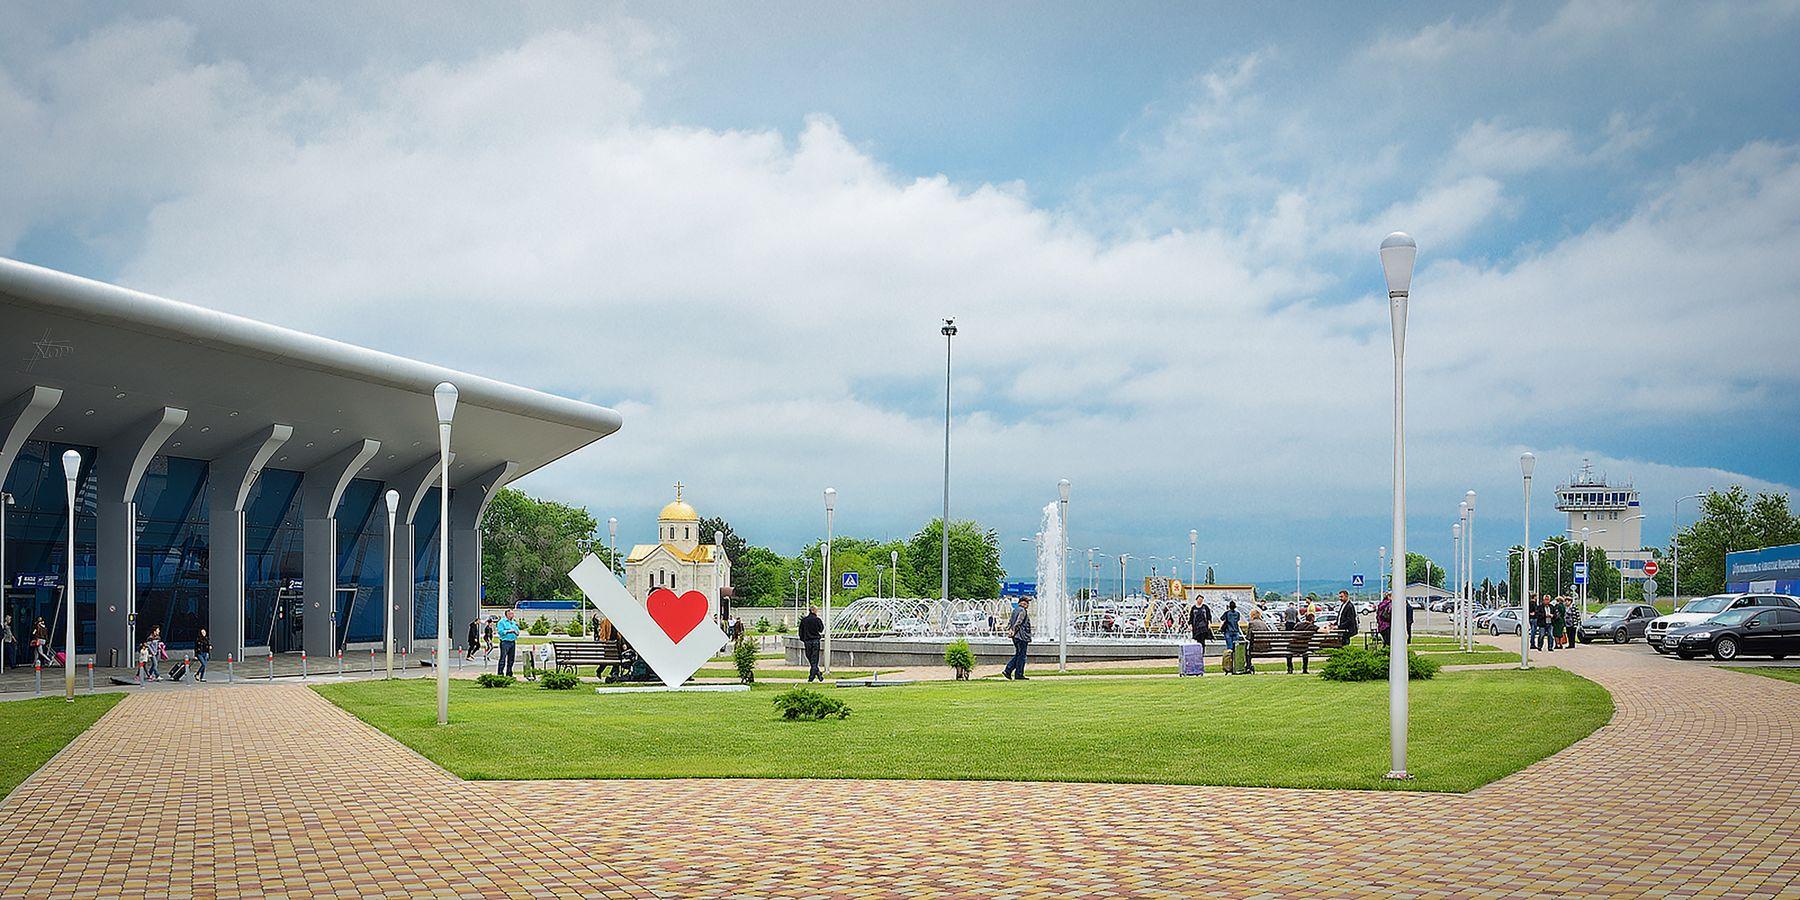 Аэропорт Минеральные Воды Архитектура город пейзаж фонтан аэропорт Минеральные воды Кавказ май весна